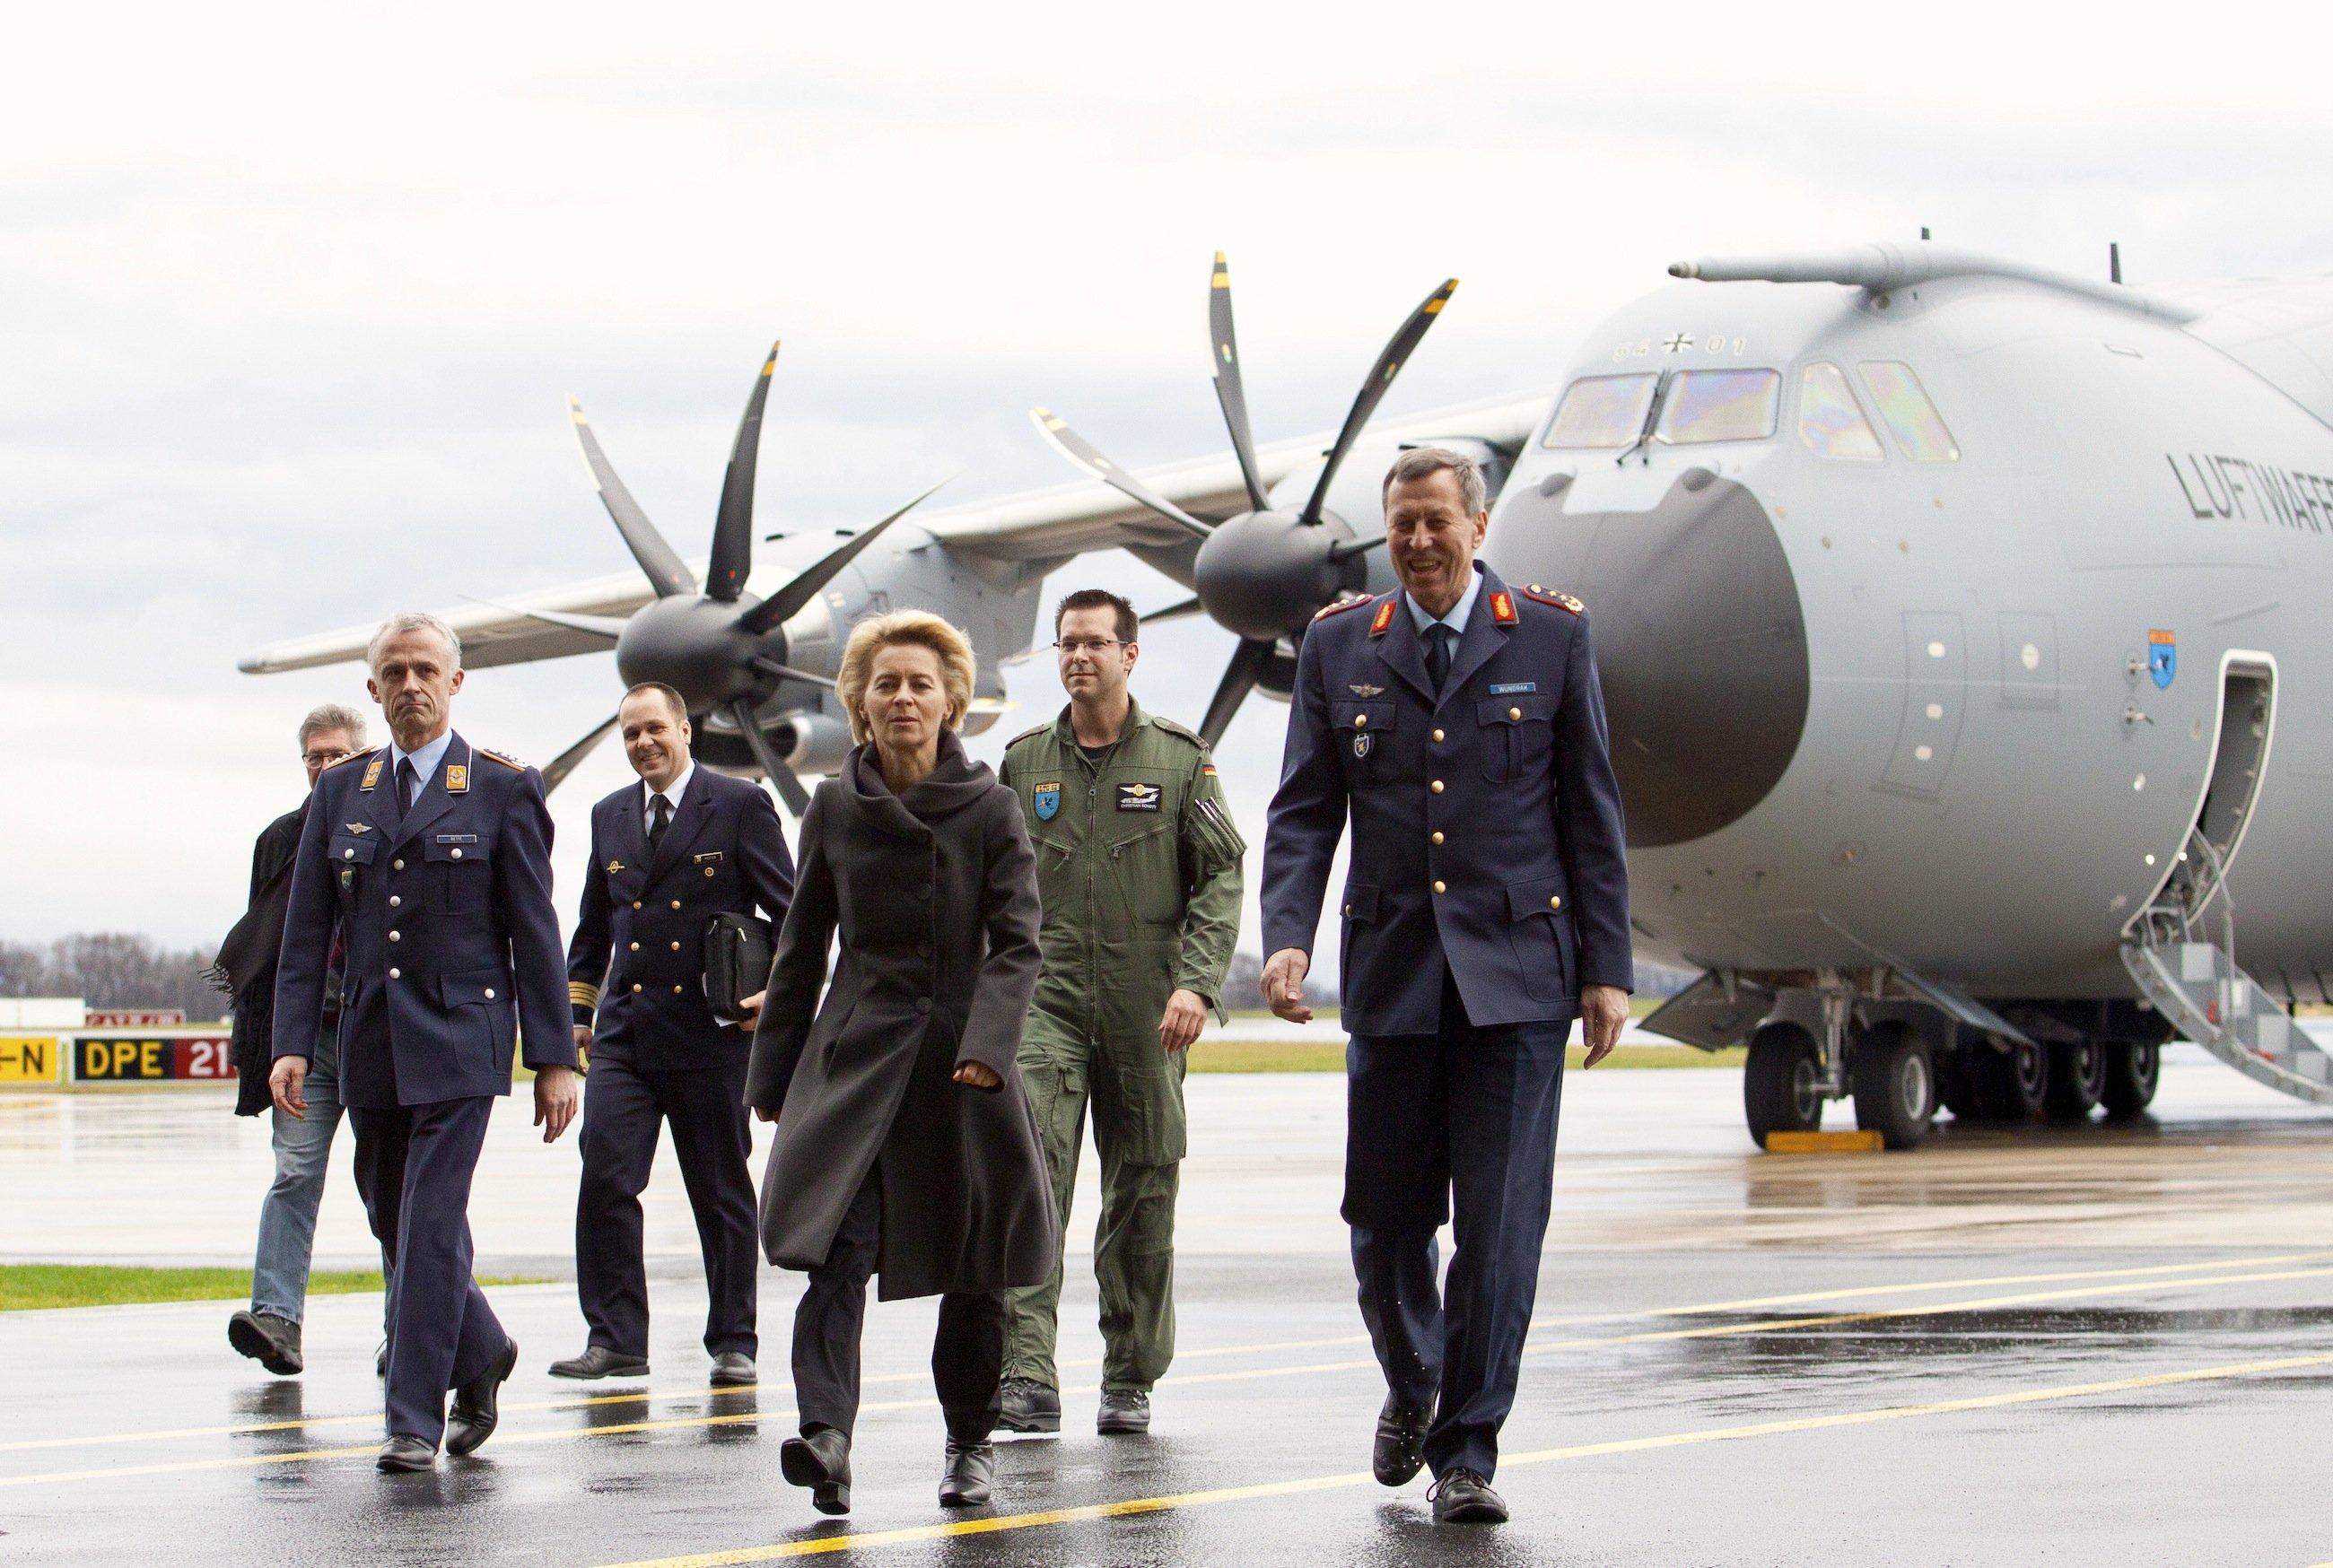 Bundesverteidigungsministerin Ursula von der Leyenbei der Ankunft des ersten A400M für die deutsche Luftwaffe im niedersächsischen Wunstorf. Nach dem Absturz eines A400M für die türkische Luftwaffe musste das Transportflugzeug am Boden bleiben.